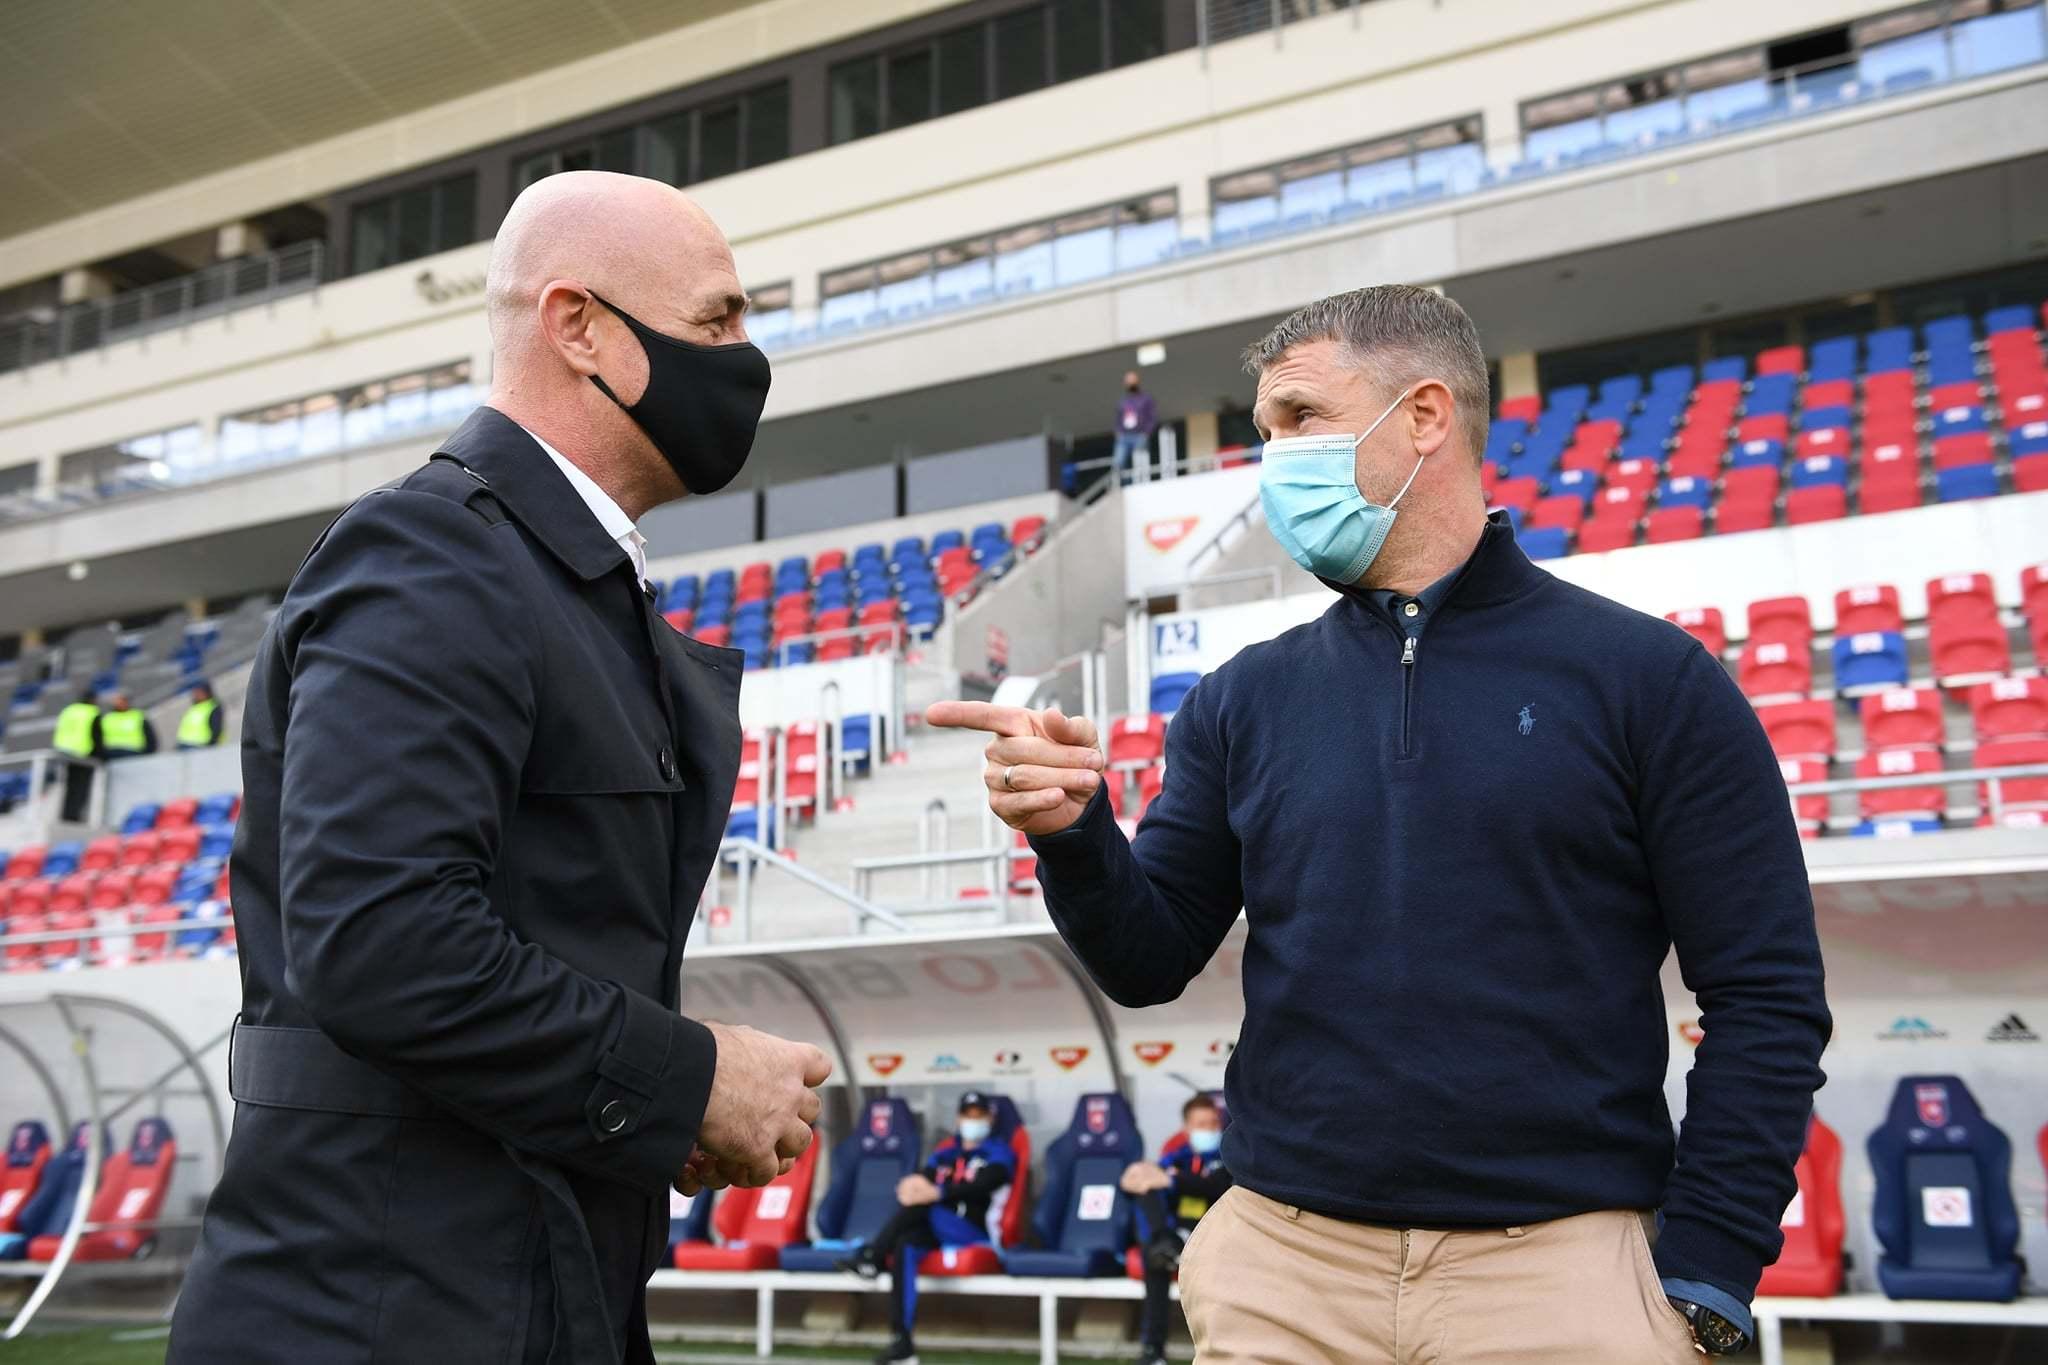 Сергей Ребров - самый успешный иностранный тренер в Венгрии за последние 100 лет - изображение 3